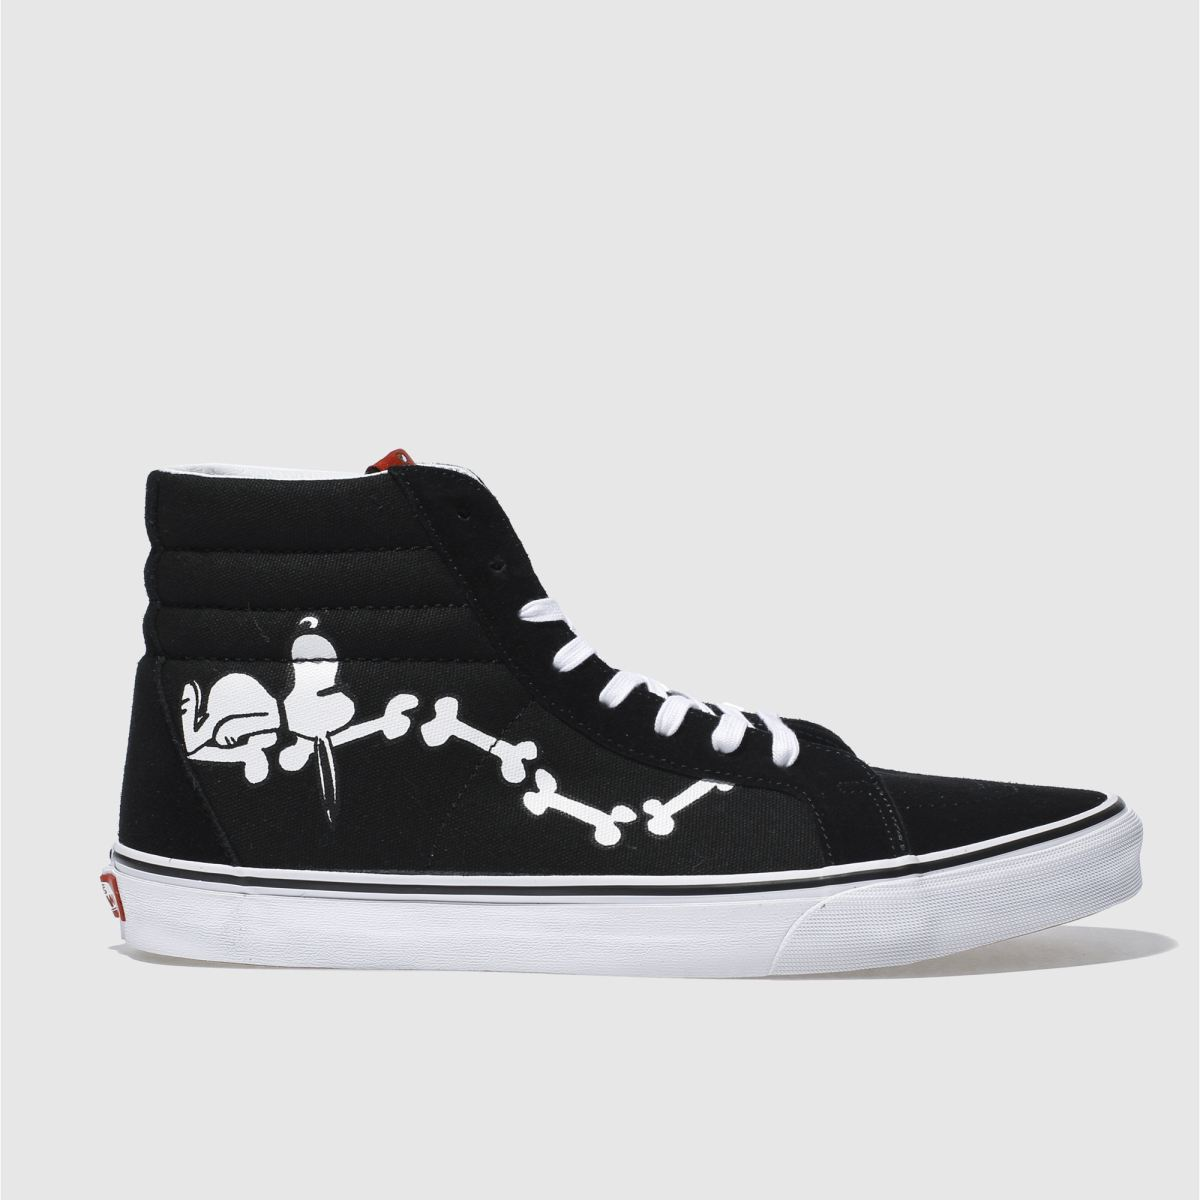 vans black & white sk8-hi peanuts snoopy bones trainers